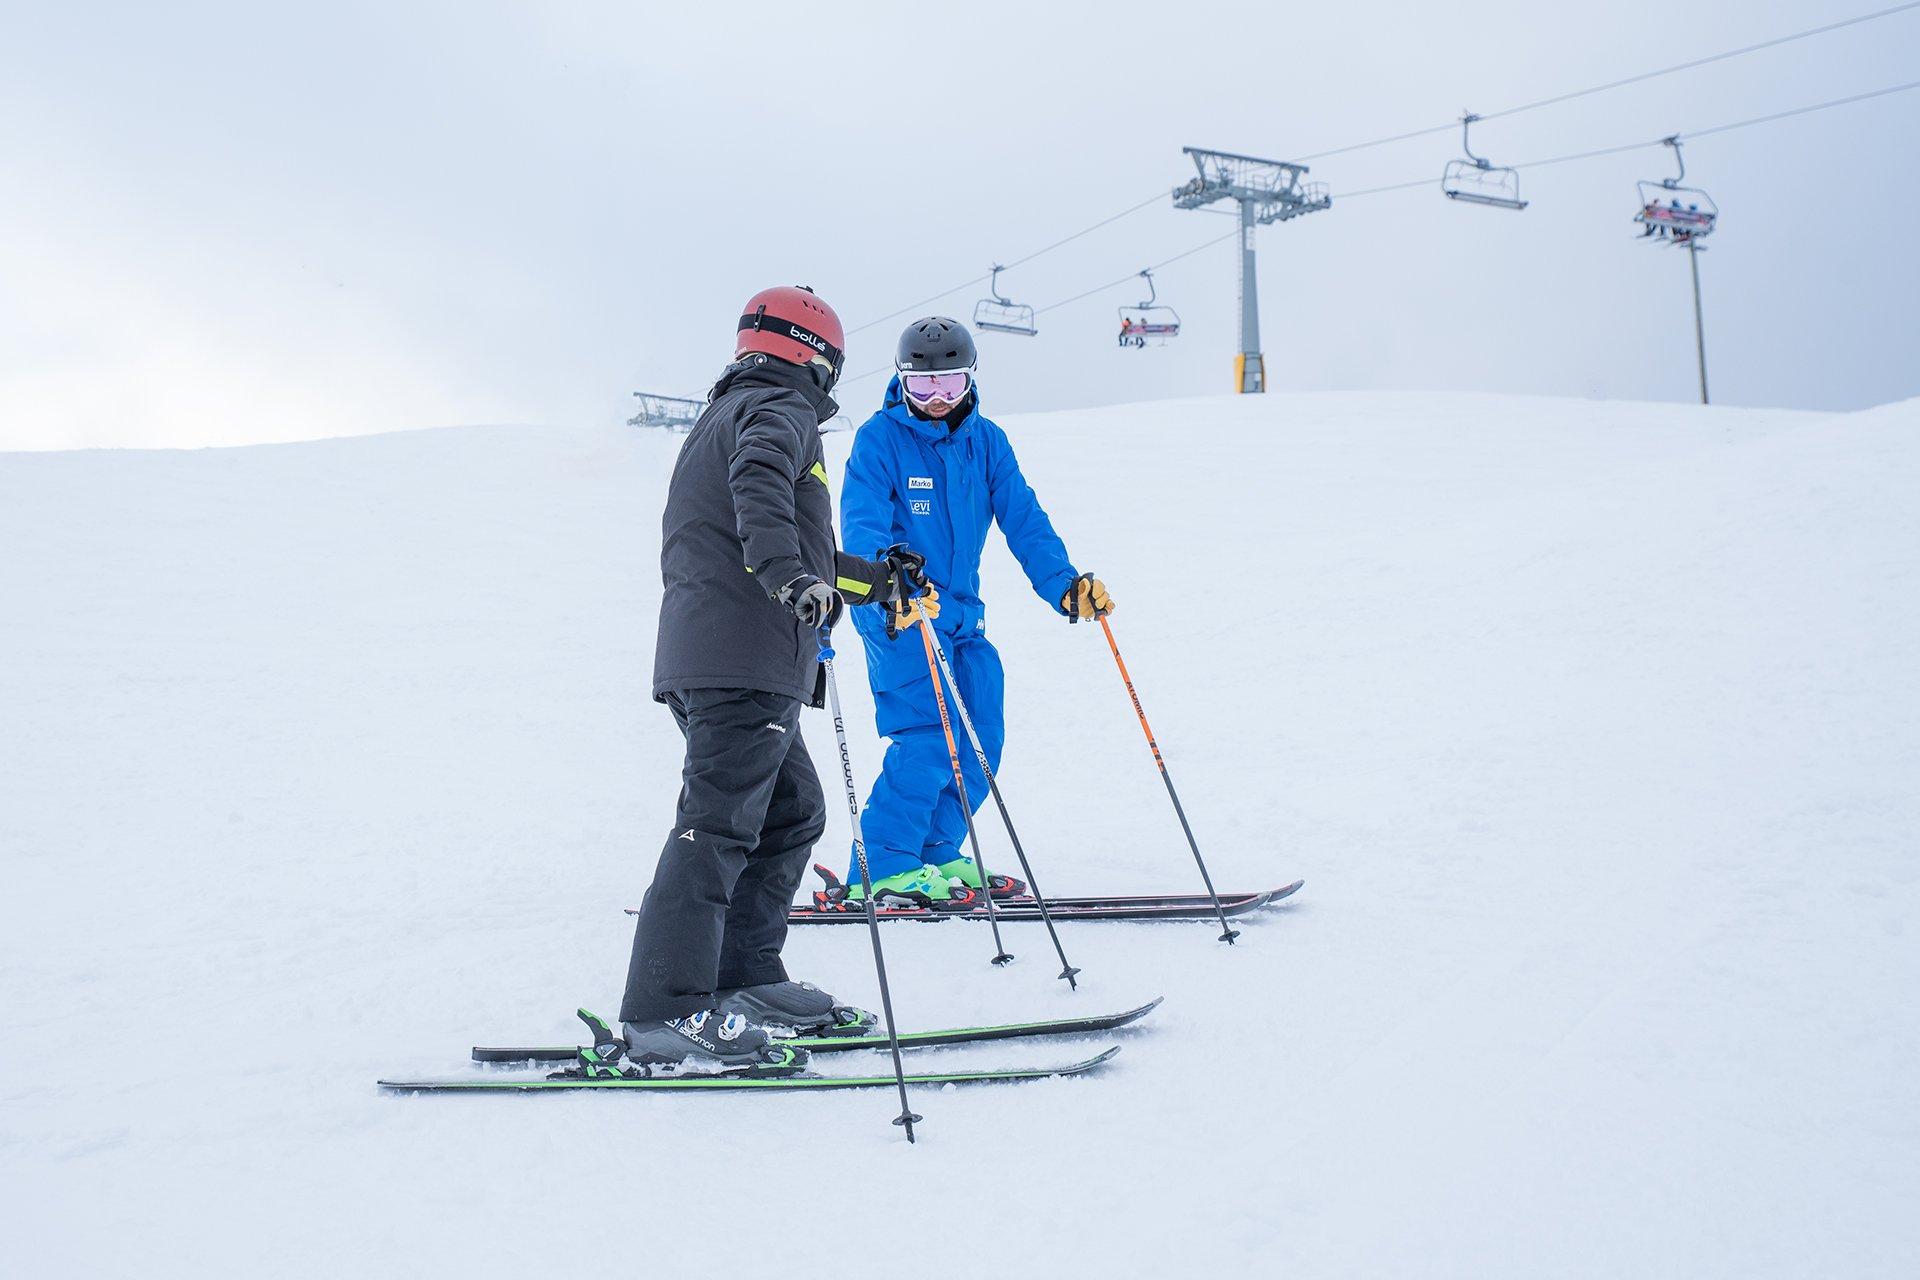 Levi_ski_School_yksityisopetus